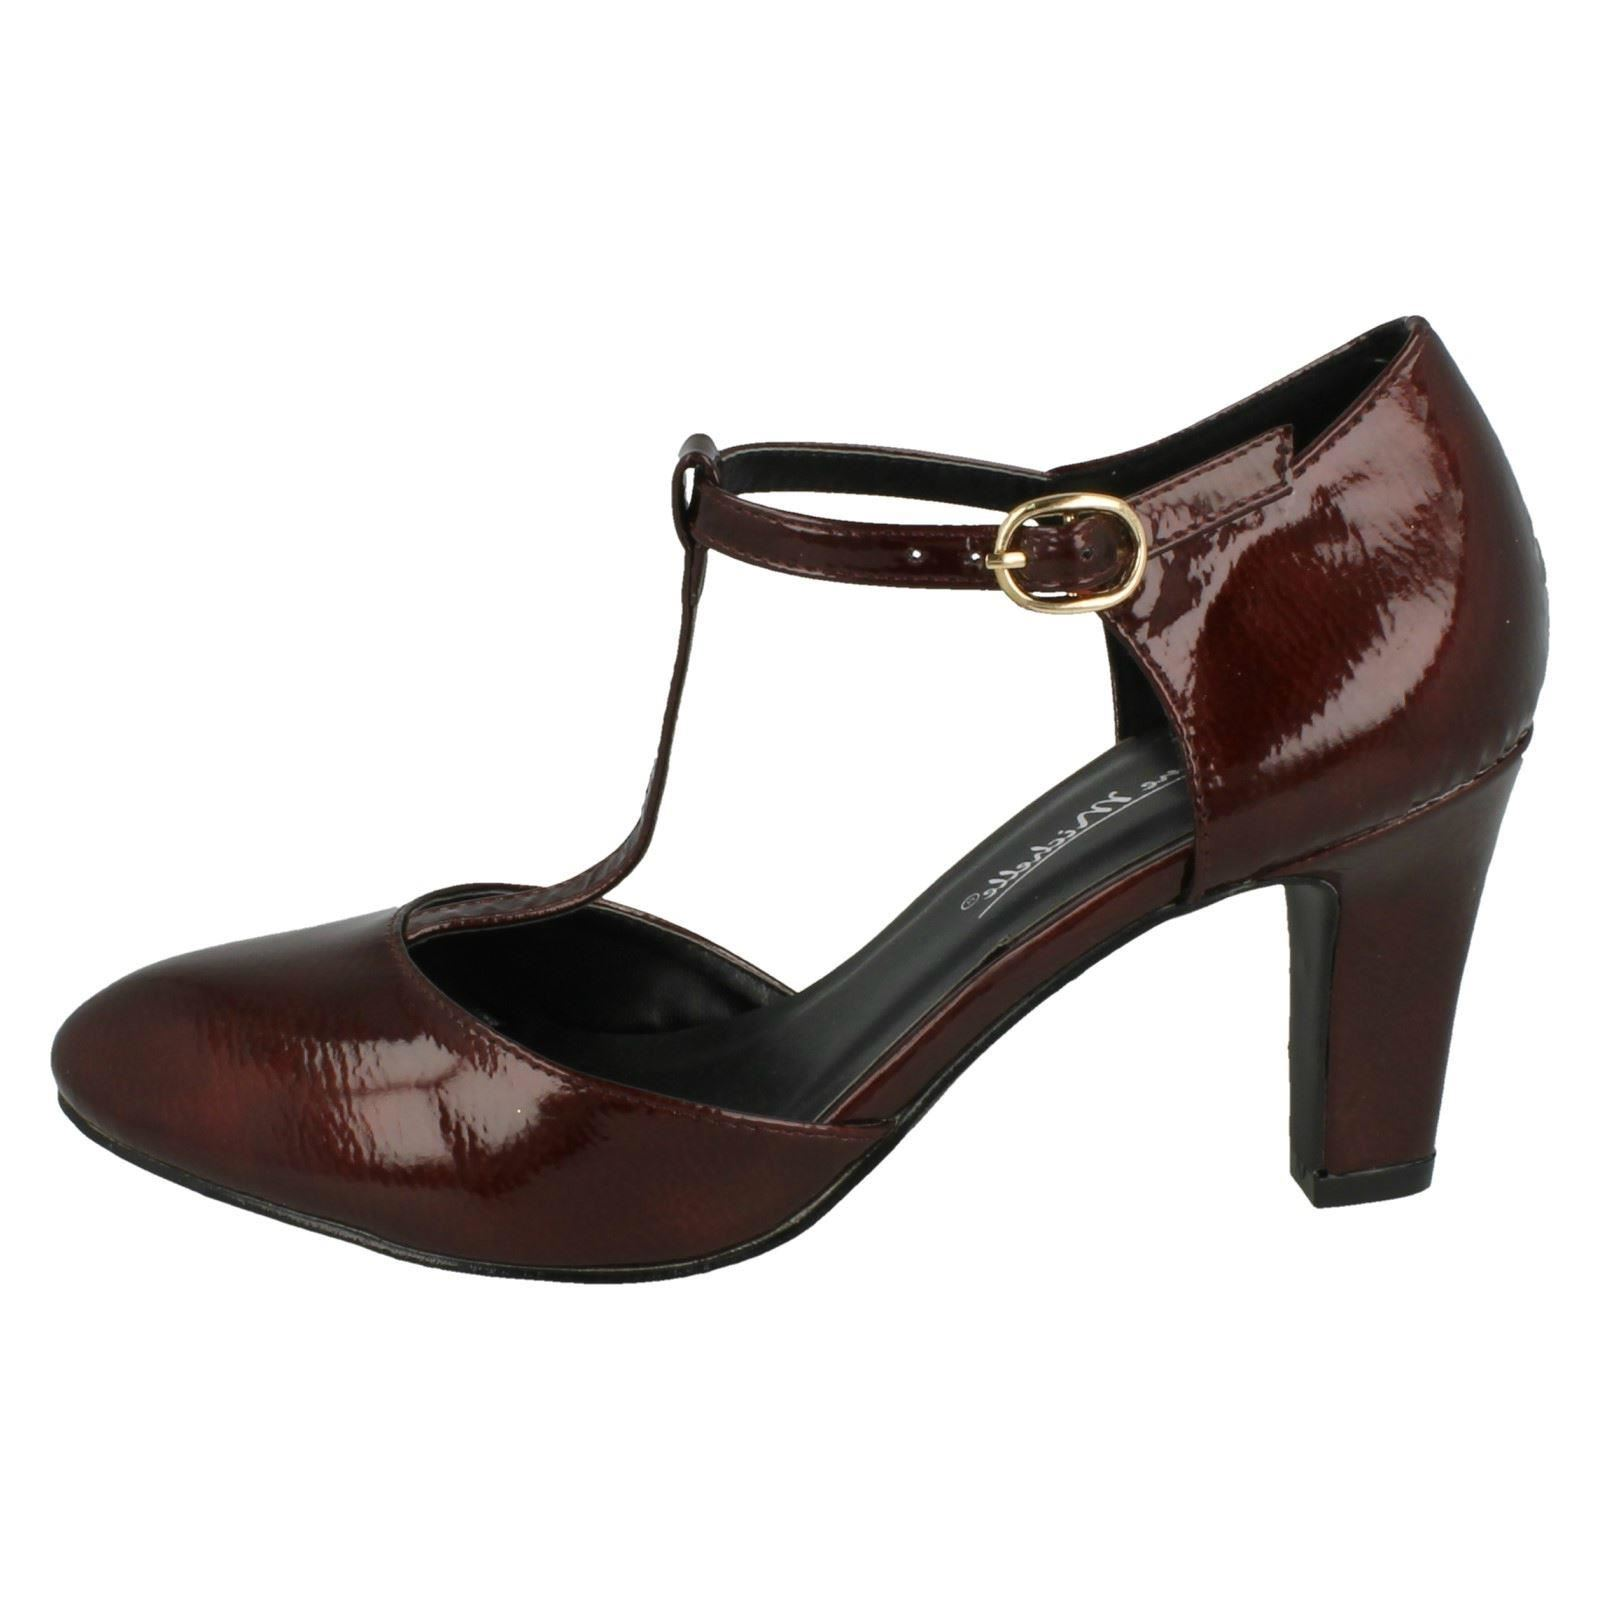 Ladies-Anne-Michelle-T-Bar-Smart-Shoes thumbnail 21